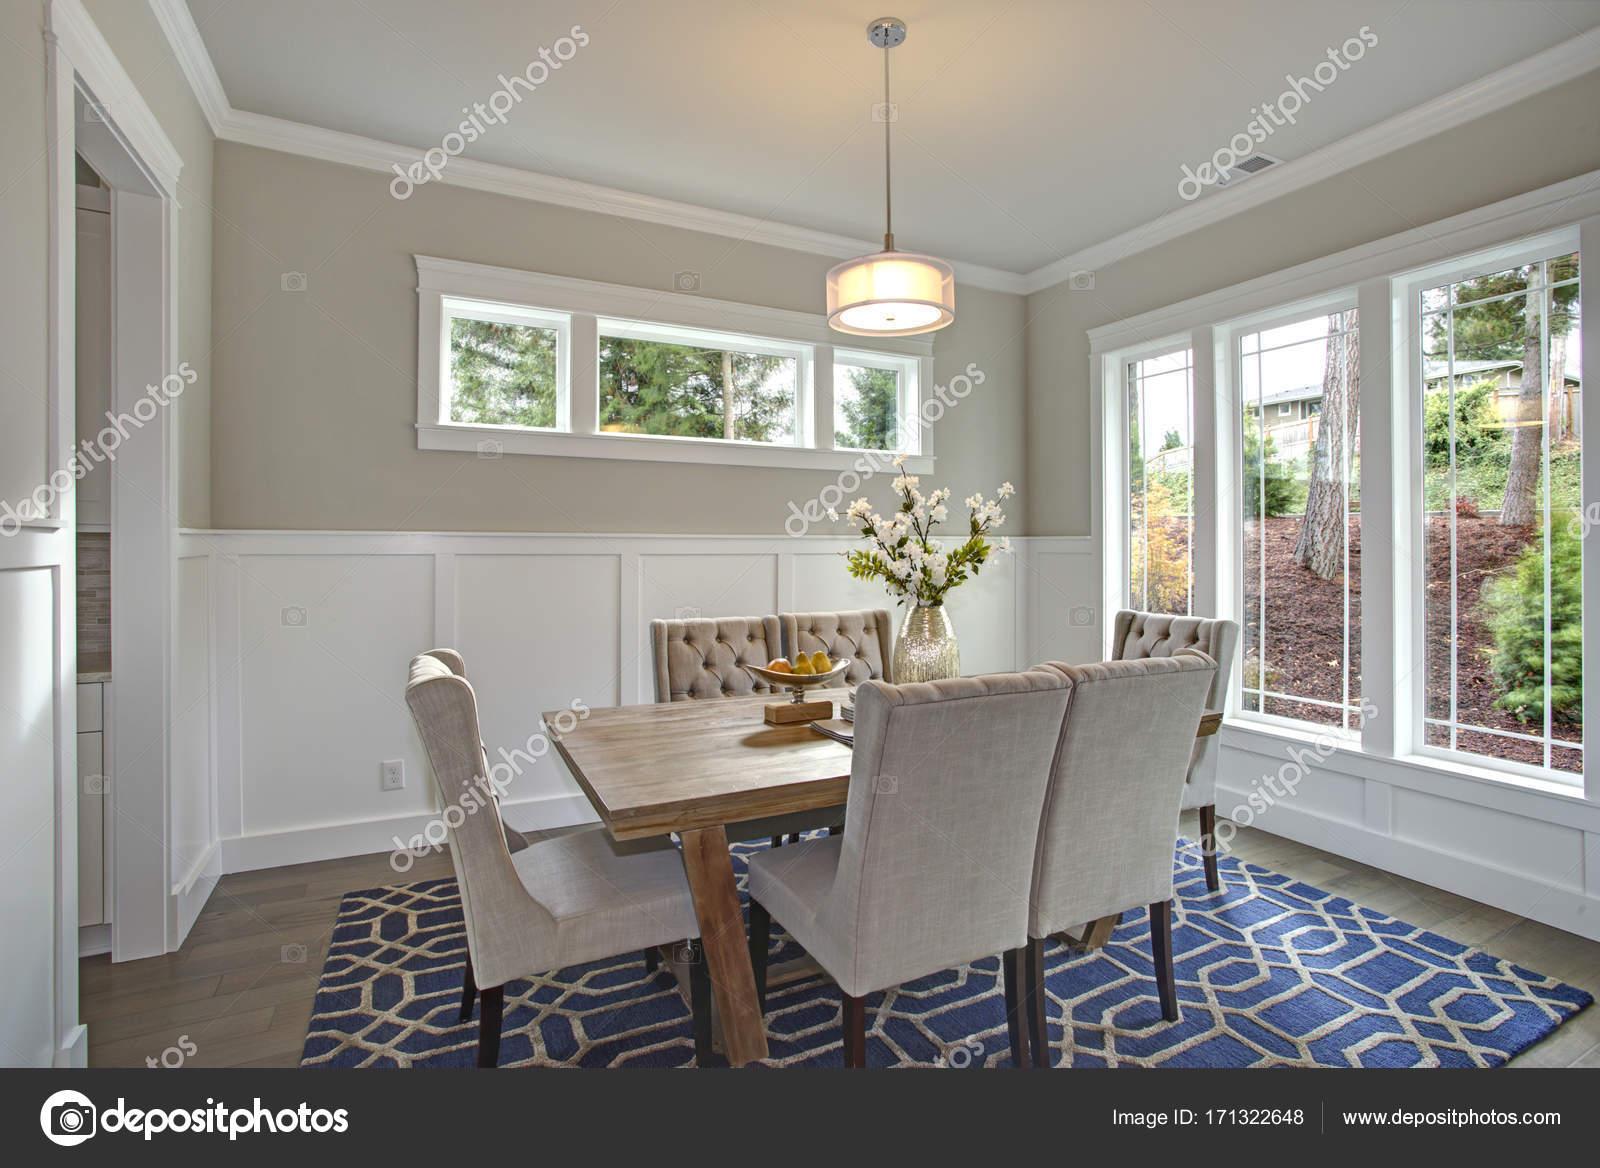 Elegante sala da pranzo transitorio con pareti board & batten — Foto ...